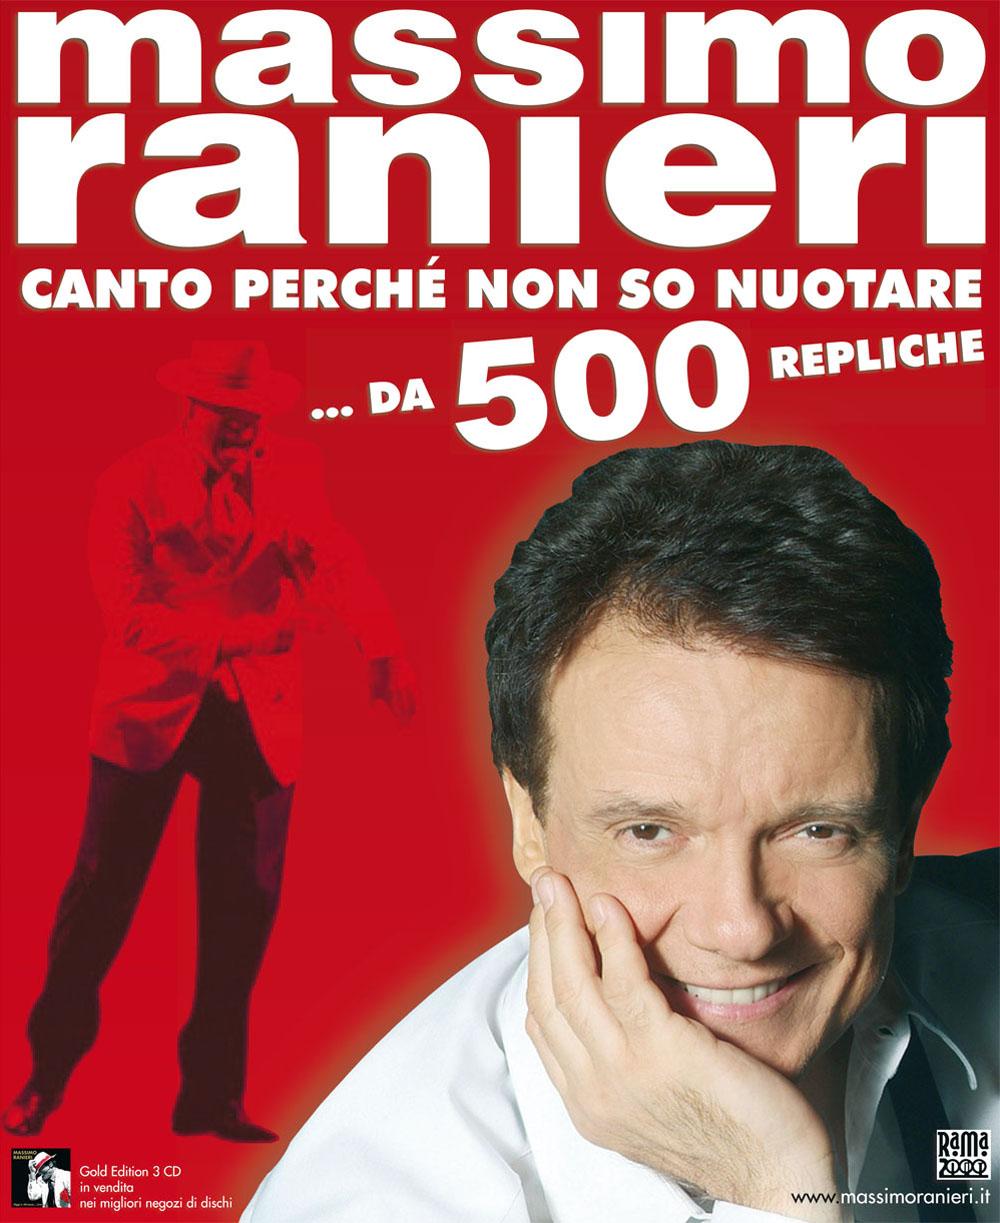 CANTO PERCHE' NON SO' NUOTARE....DA 500 REPLICHE